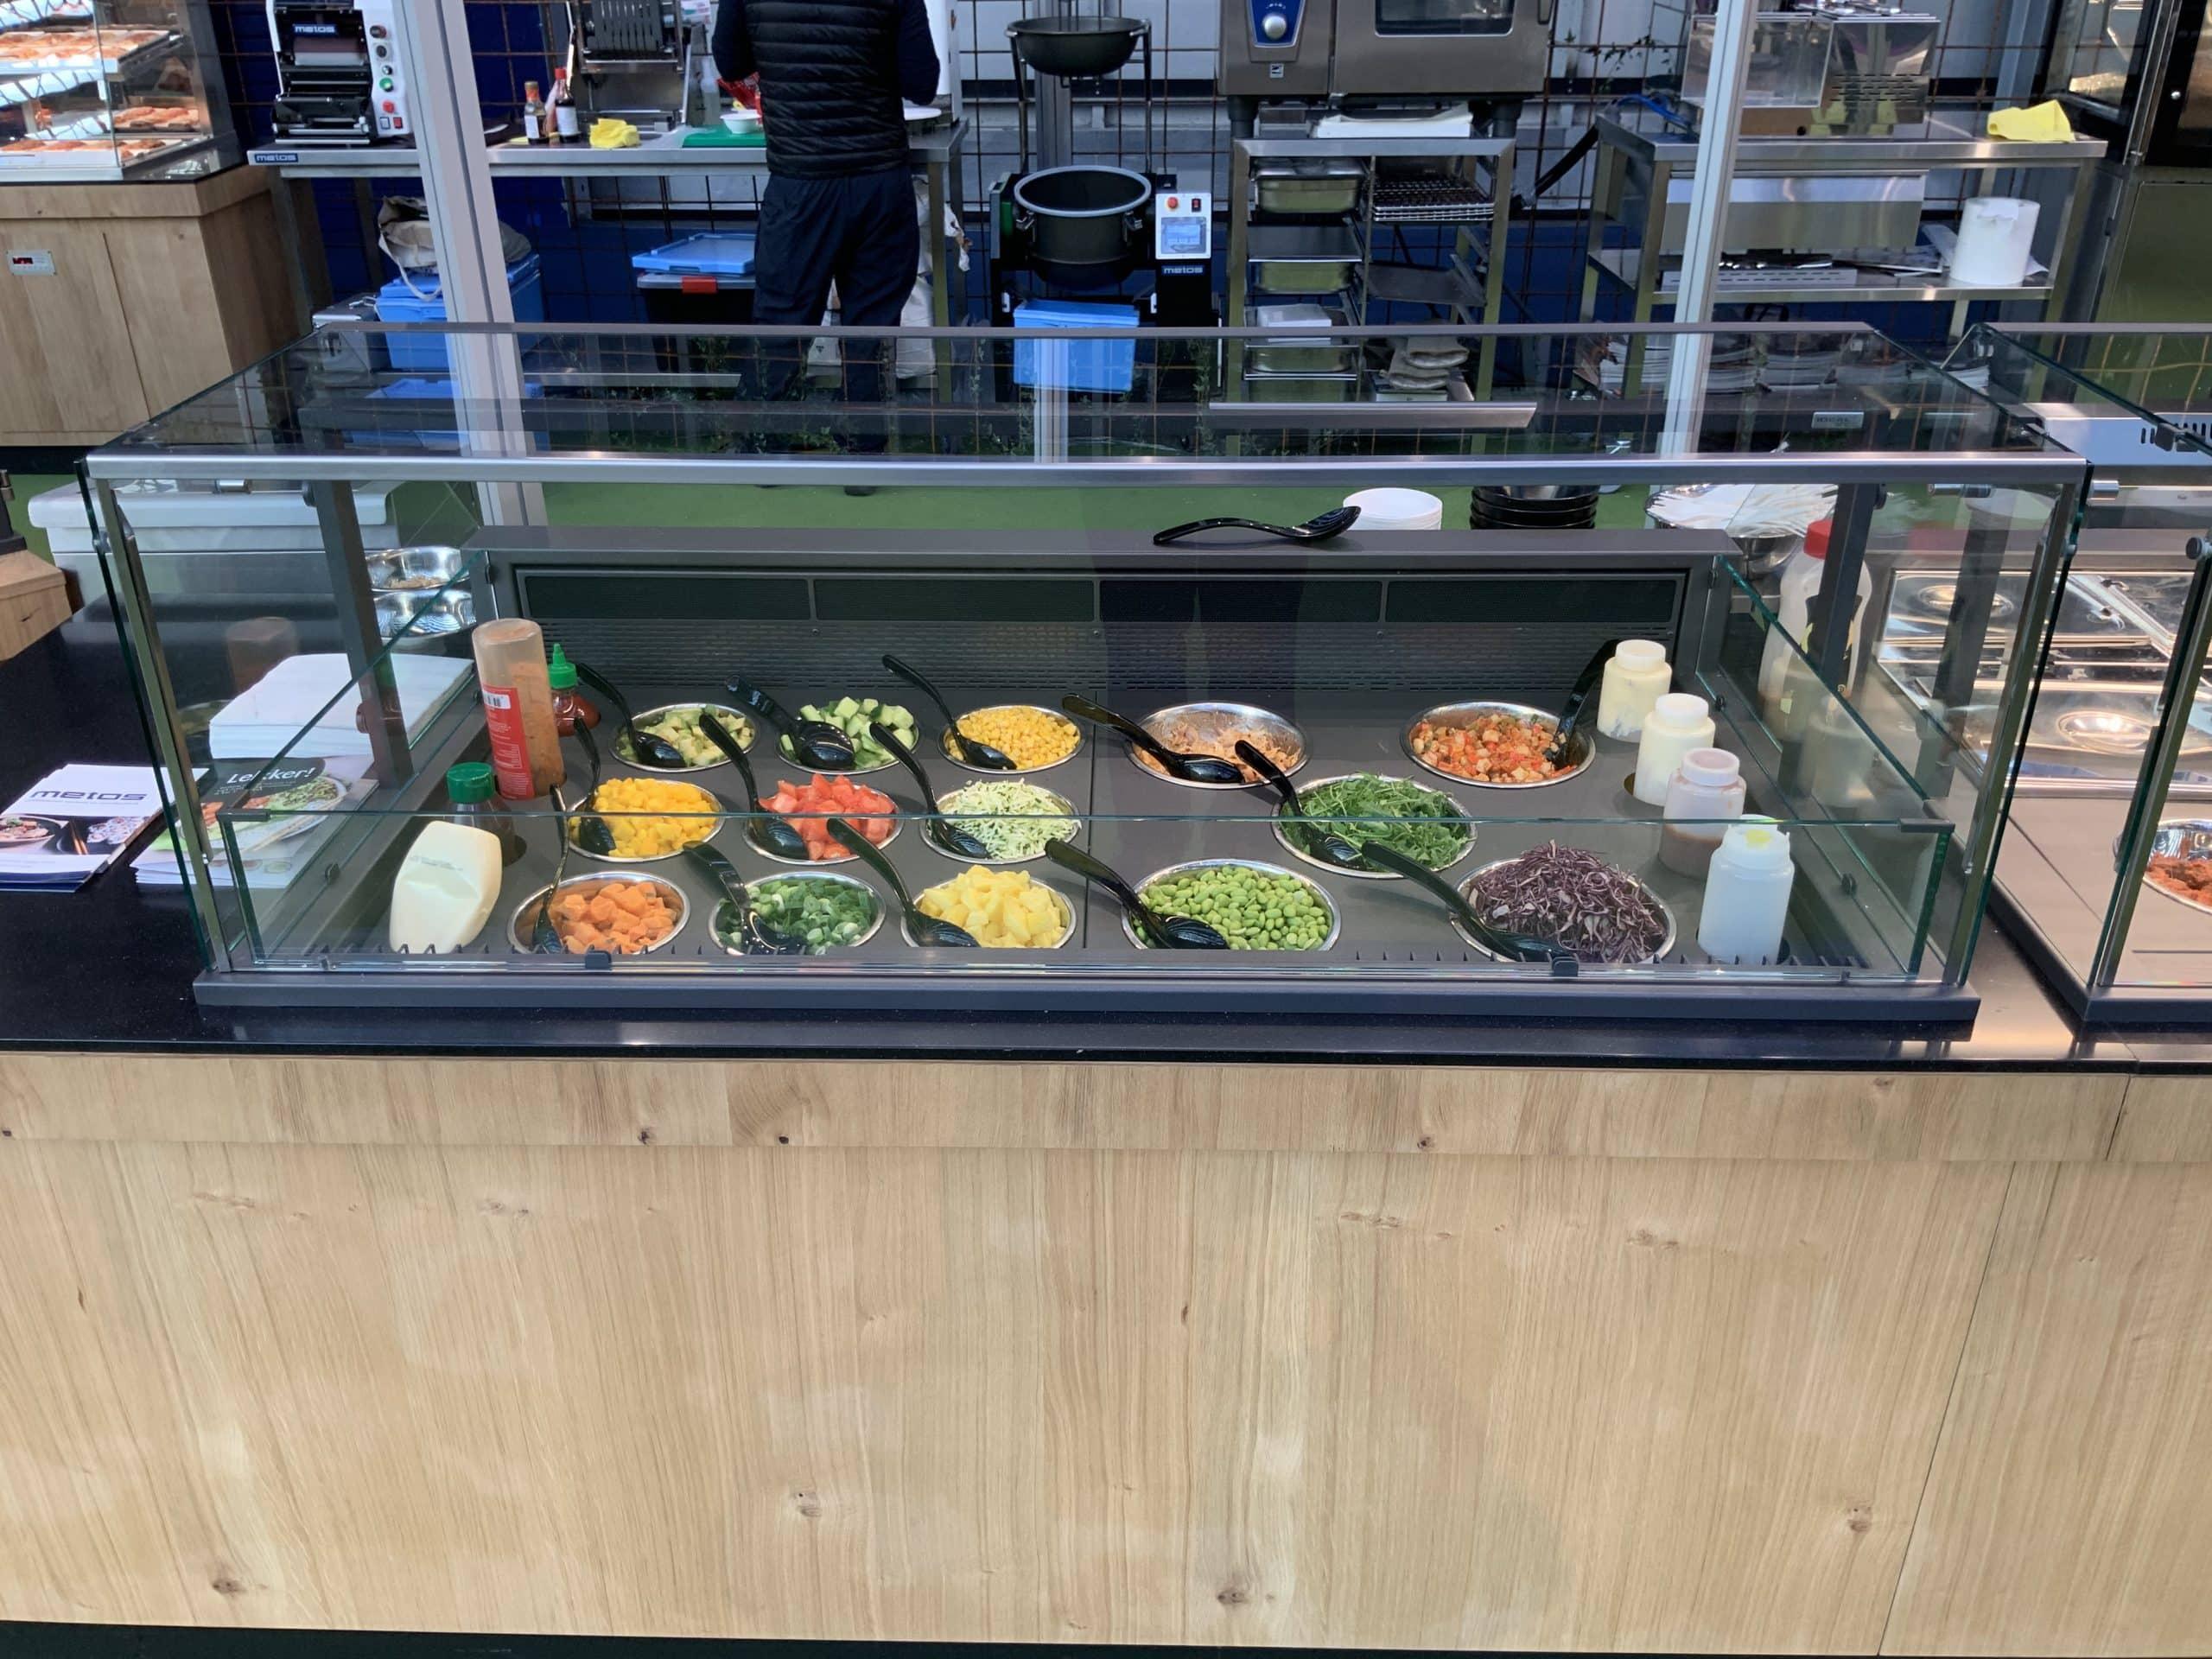 Modulare Produktvielfalt - Lebensmittel als Erlebnis präsentieren